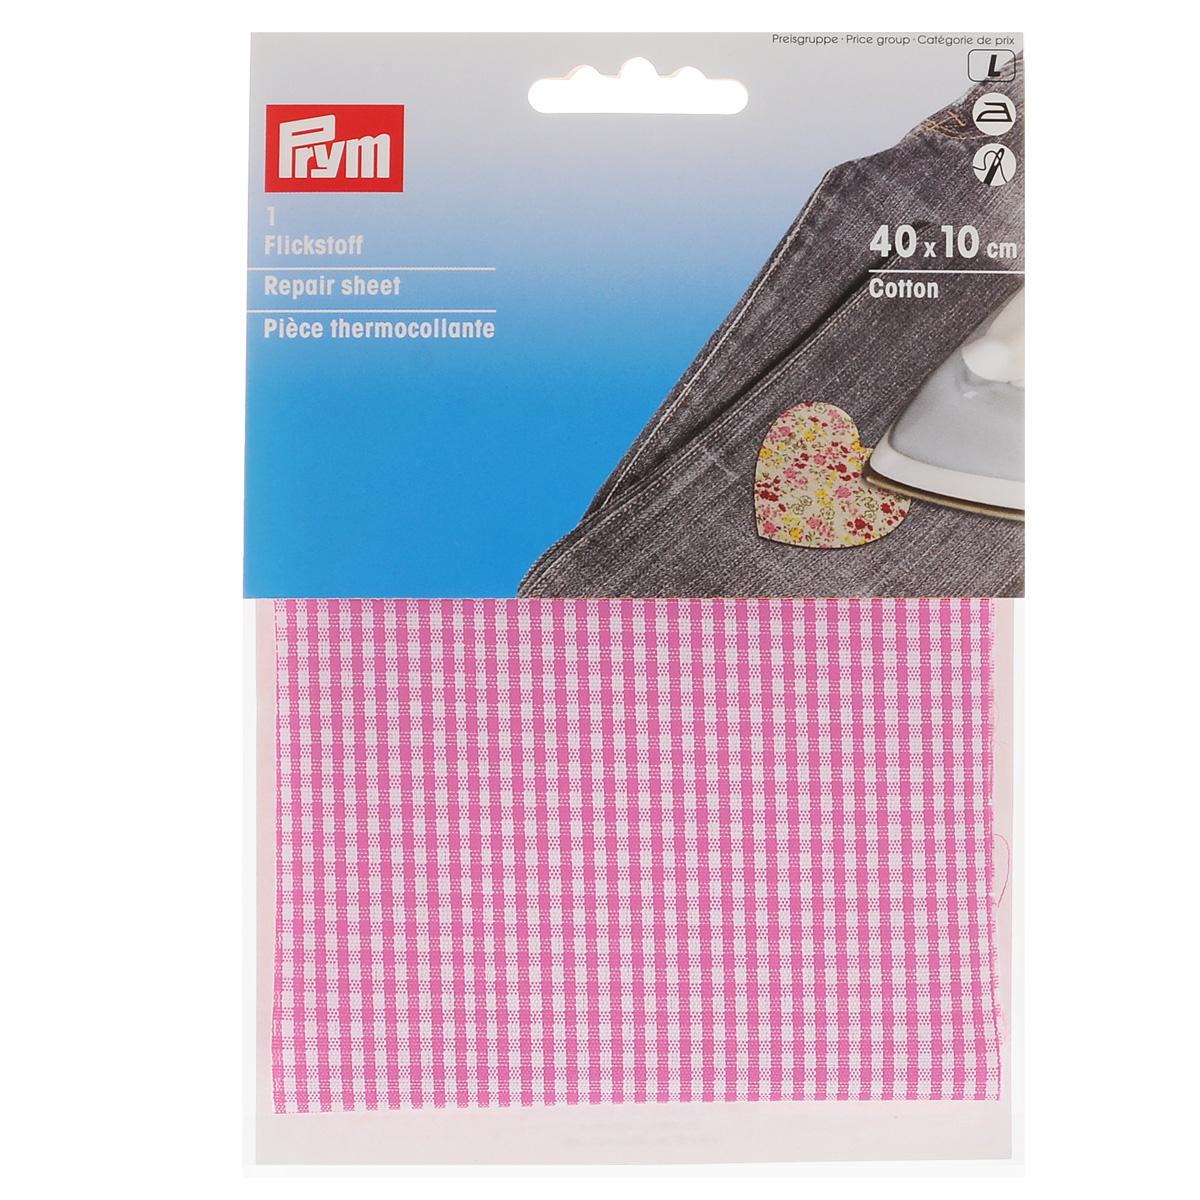 Термоткань для заплаток Prym Клетка Виши, цвет: белый, розовый, 40 см х 10 см929430Термоткань Prym Клетка Виши, изготовленная из 100% хлопка и оснащенная с обратной стороны клеевым слоем, используется в качестве заплаток. С помощью нее вы сможете быстро и без труда заделать дырку в джинсах, шортах и пр. Обрежьте края дырки от лишних ниток, прогладьте их утюгом, приложите заранее отрезанный кусок термоткани нужного размера и как следует прогладьте ткань не менее 12 секунд. Для дополнительной прочности ткань можно еще и настрочить. С термотканью Prym Клетка Виши ваши вещи приобретут яркий и креативный дизайн. Размер: 40 см х 10 см.